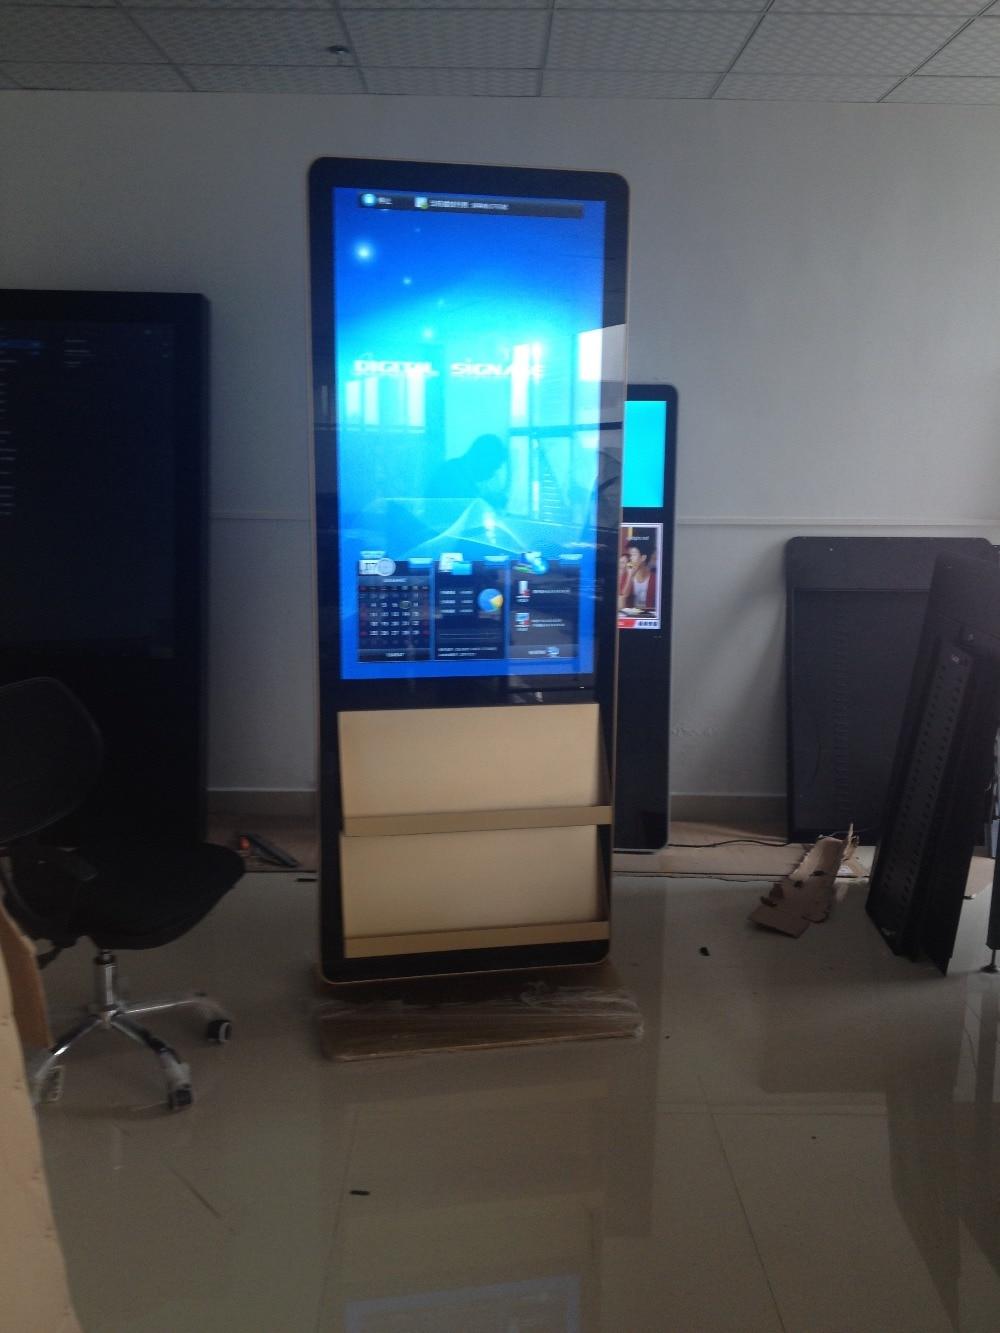 42''47''55 pouces écran tactile WIFI intérieur affichage numérique/multimédia HD lcd lecteur publicitaire CCTV moniteur affichage